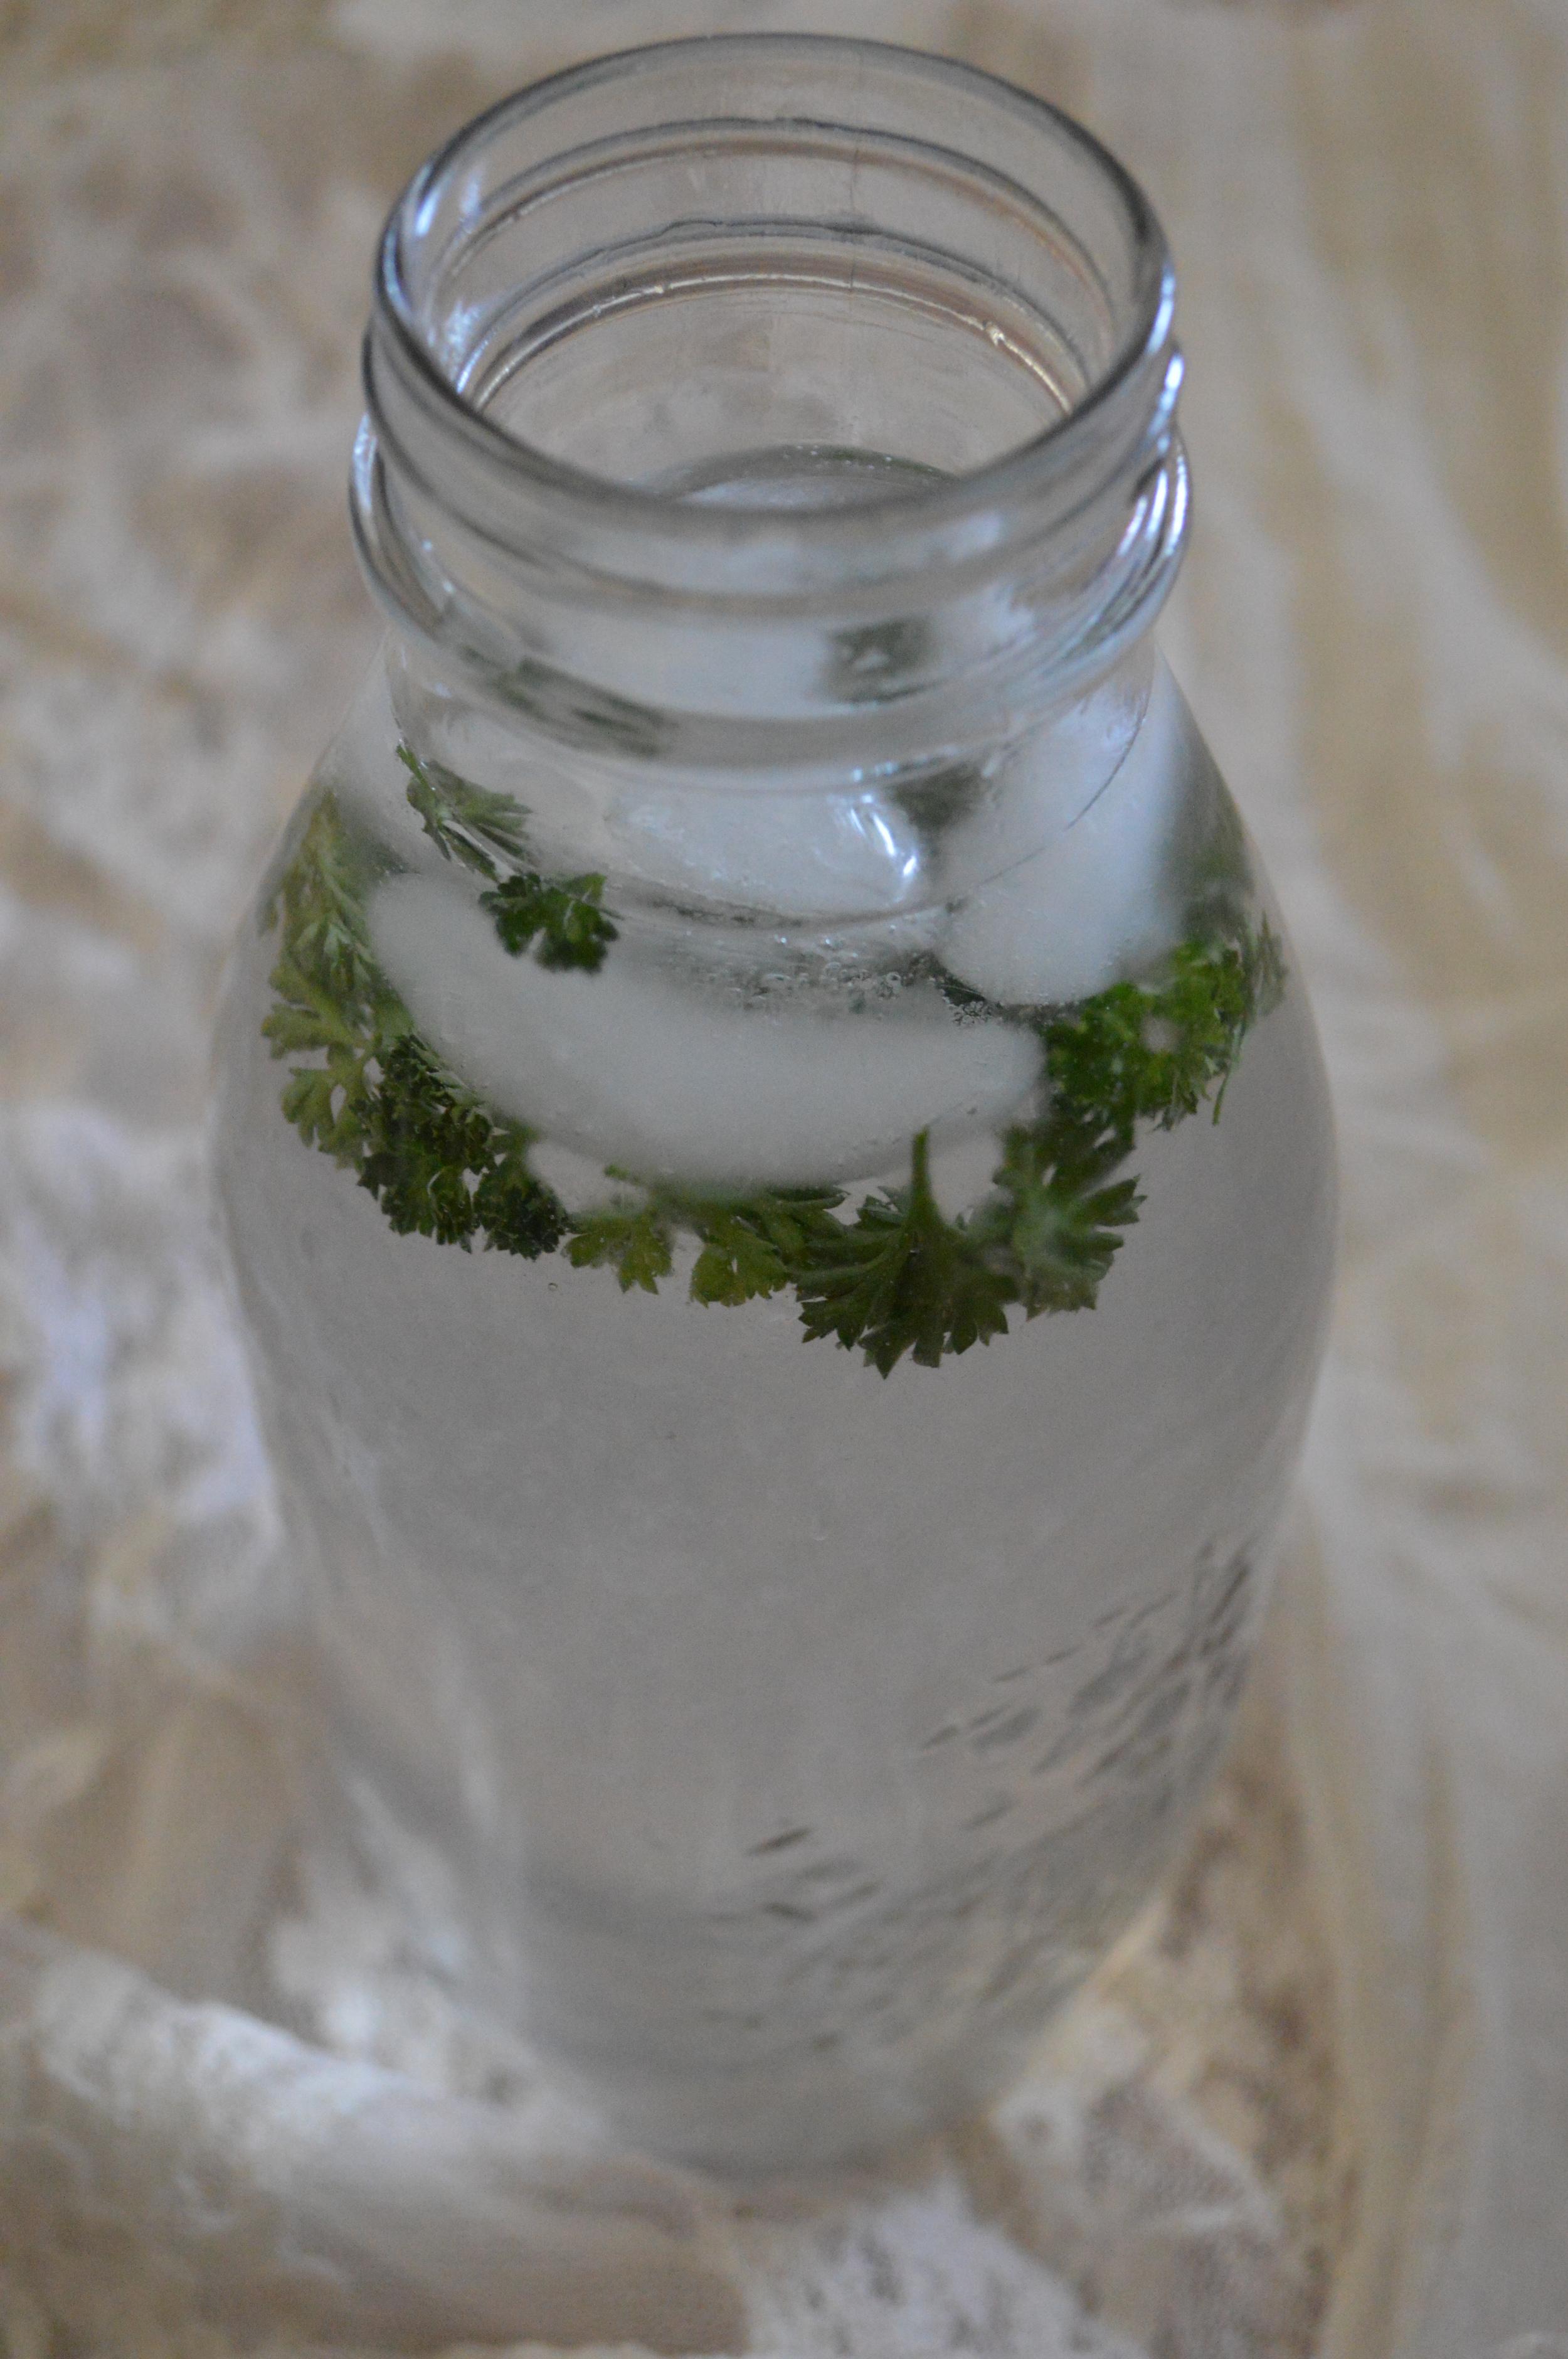 Lemon Water & Parsley